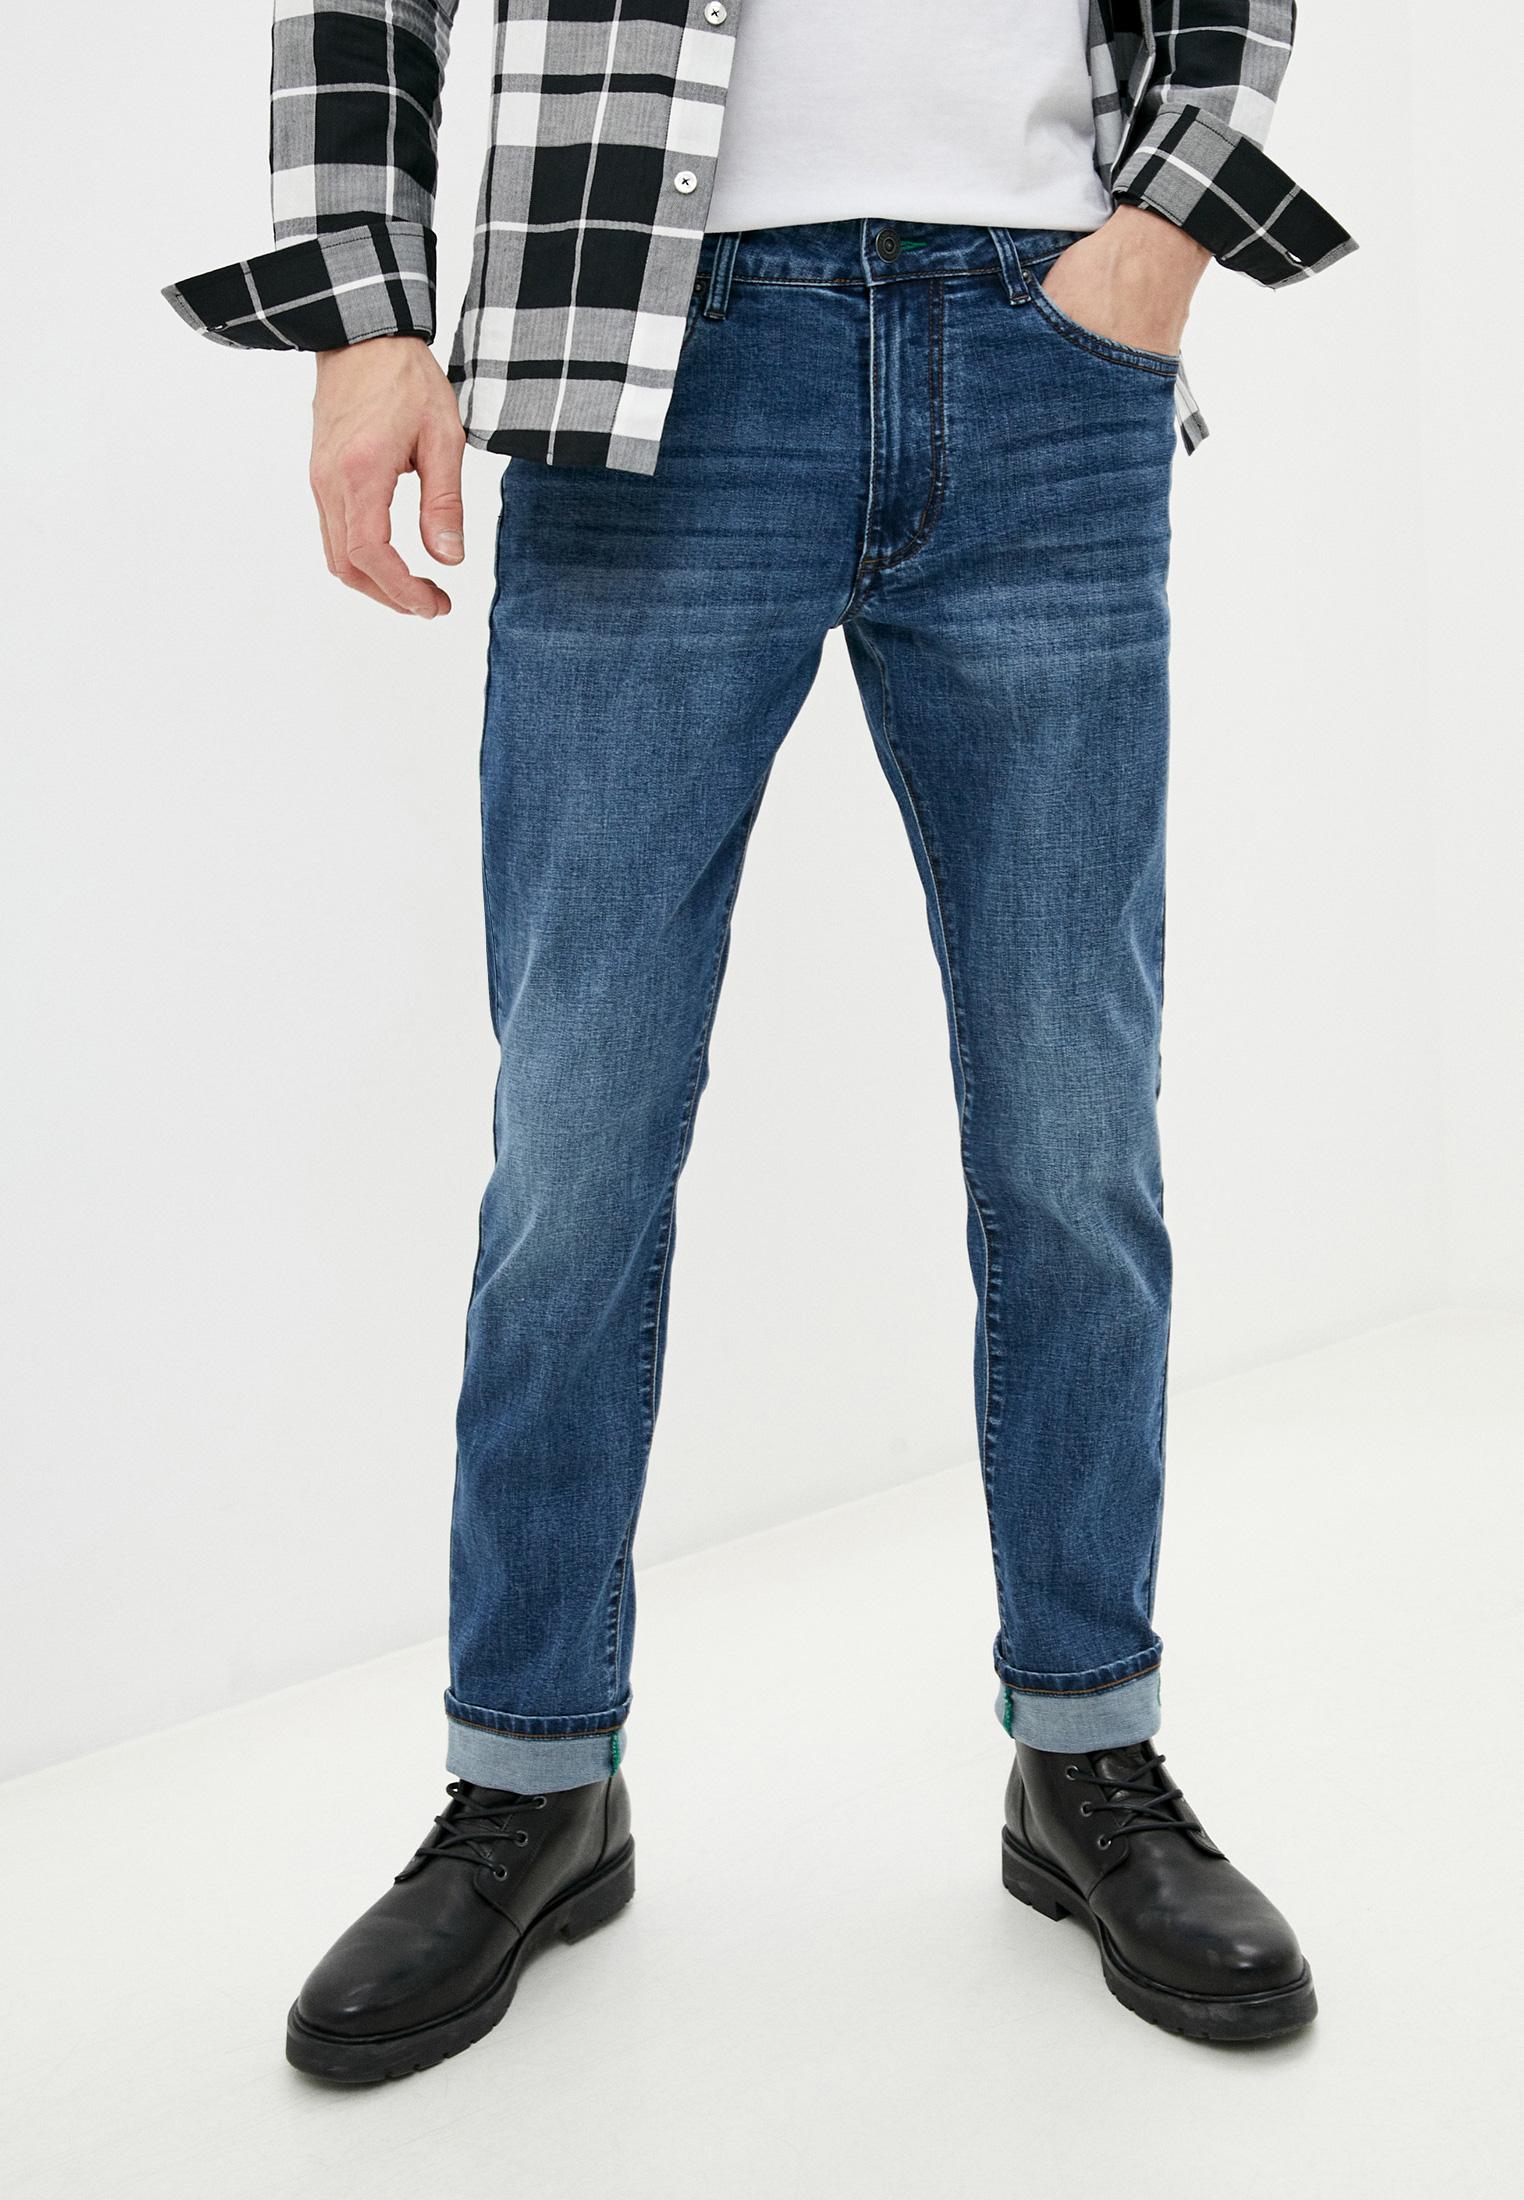 Мужские зауженные джинсы Bikkembergs (Биккембергс) C P 112 00 S 3279: изображение 1